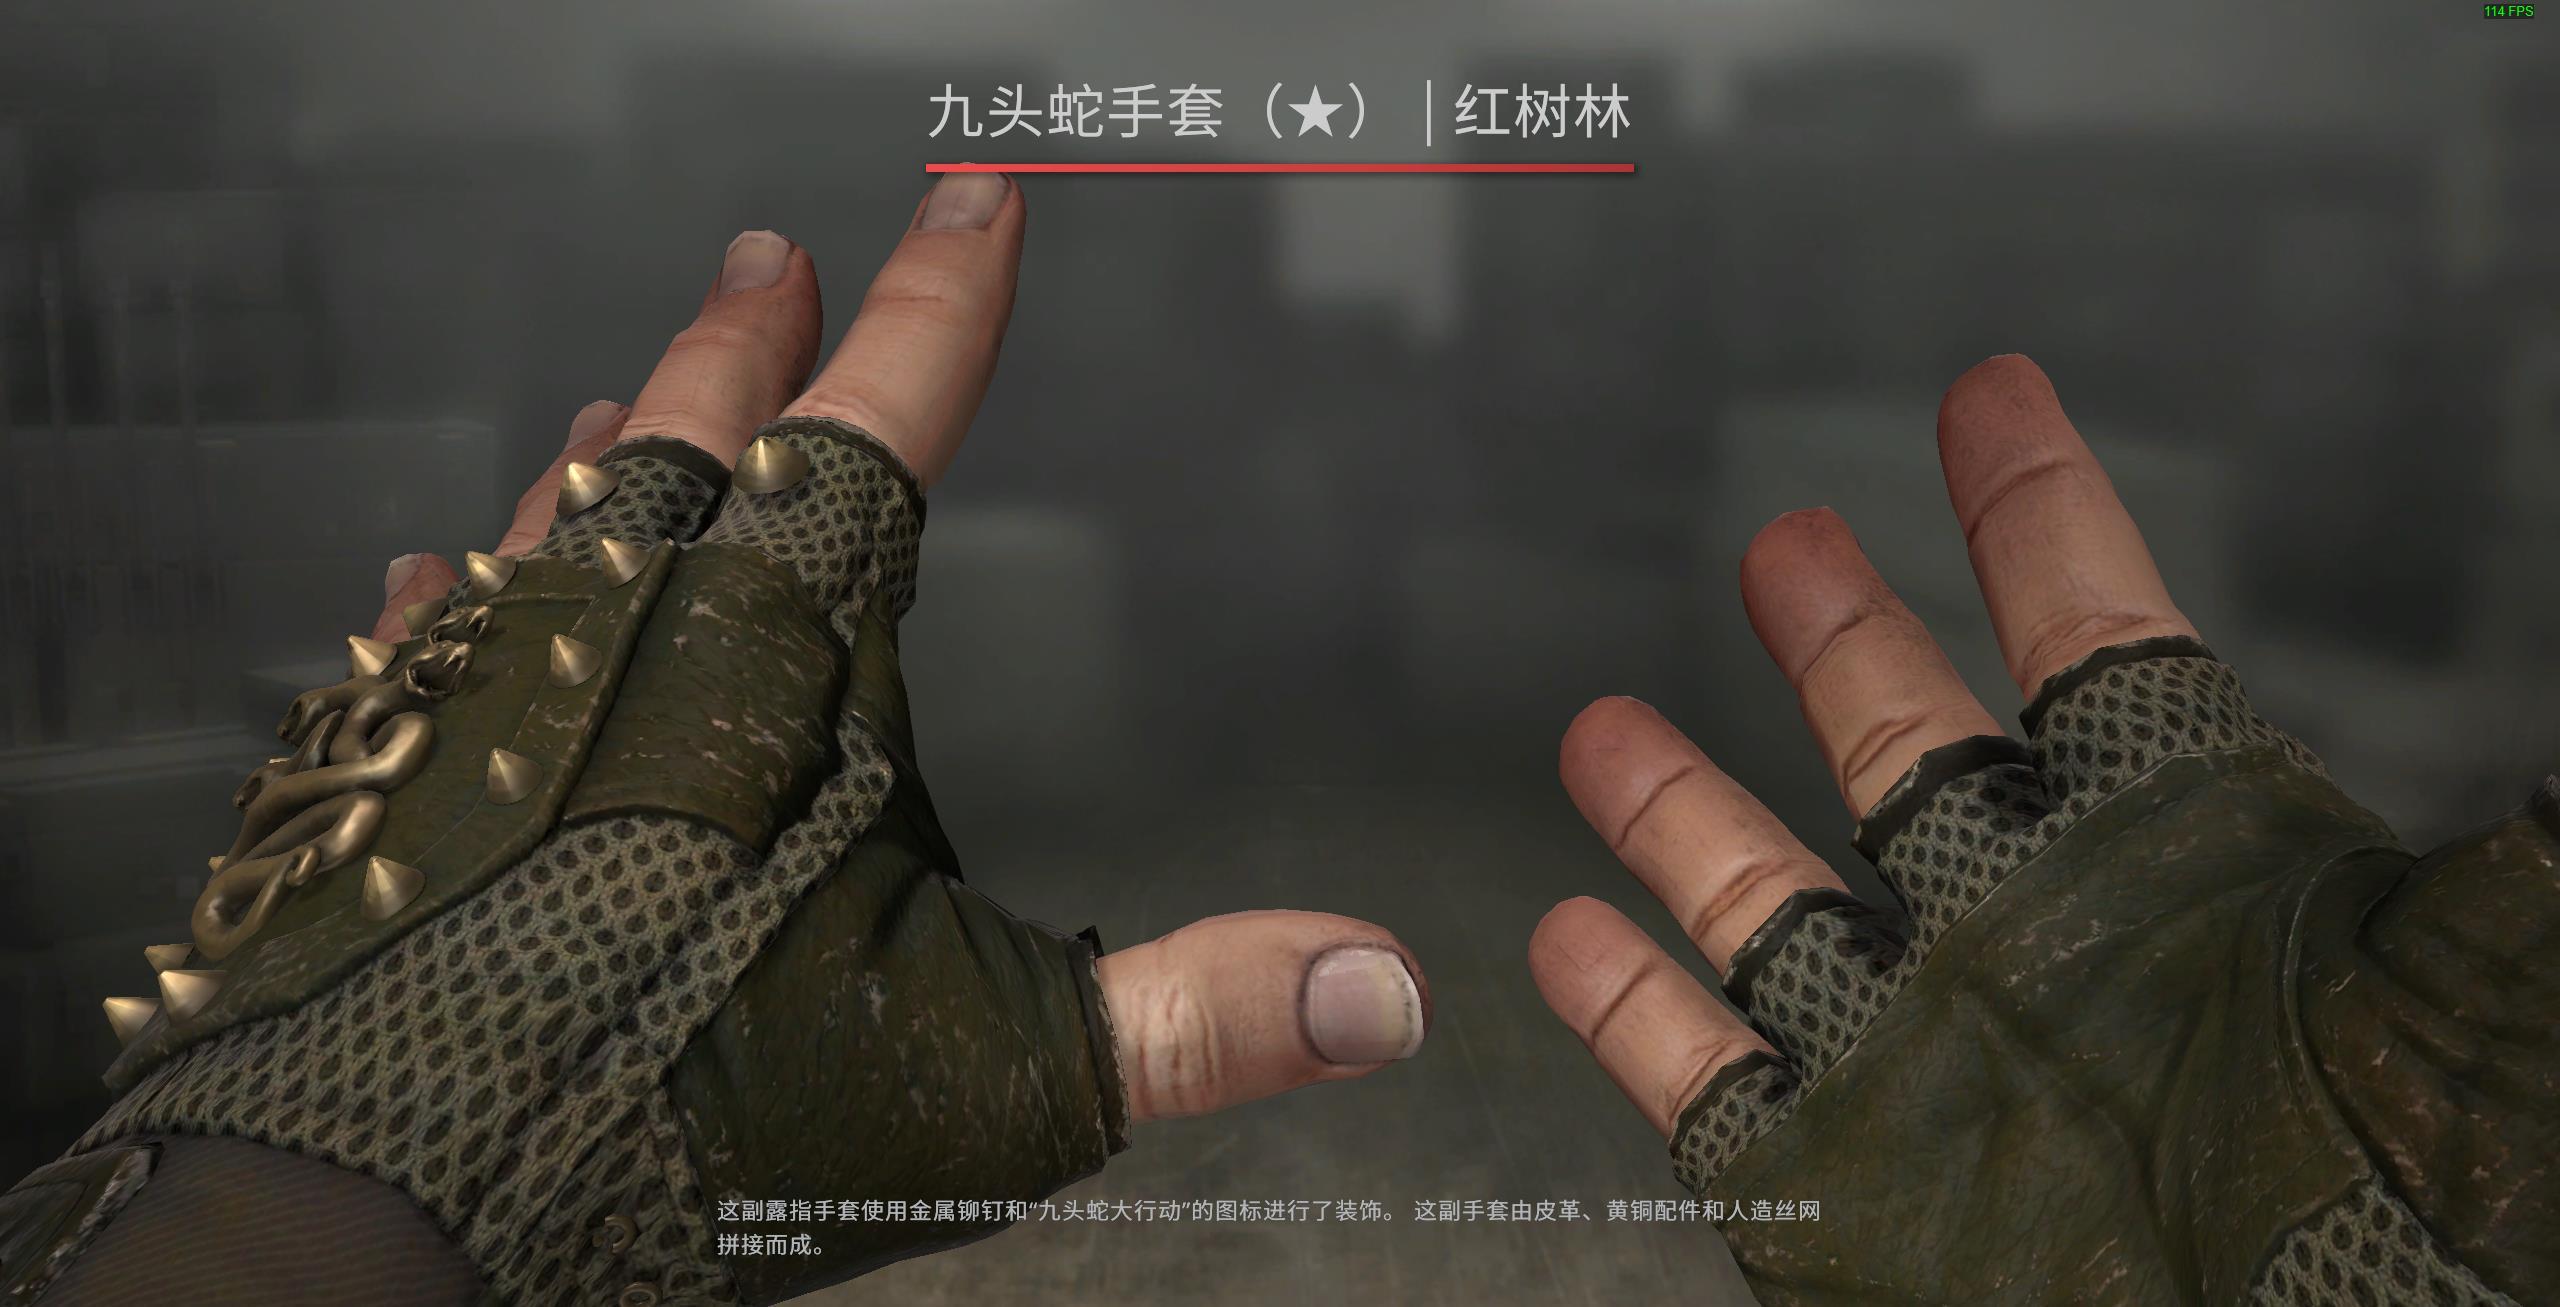 CSGO皮肤推荐——九头蛇手套 | 红树林